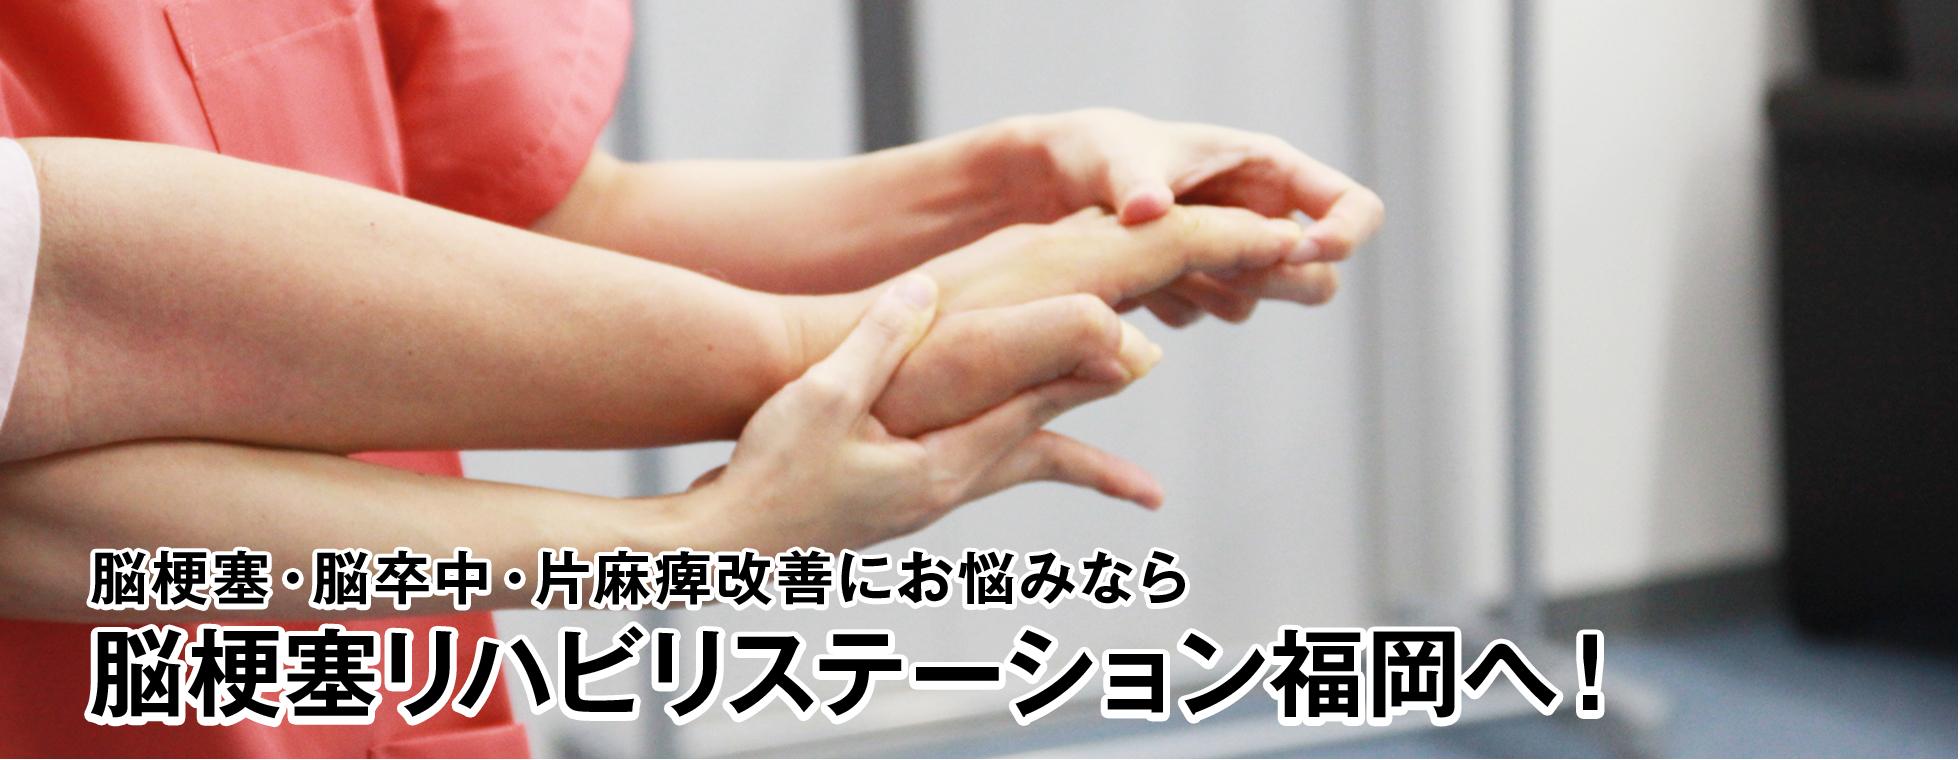 脳梗塞・総卒中・片麻痺改善にお悩みなら脳梗塞リハビリステーション福岡へ!